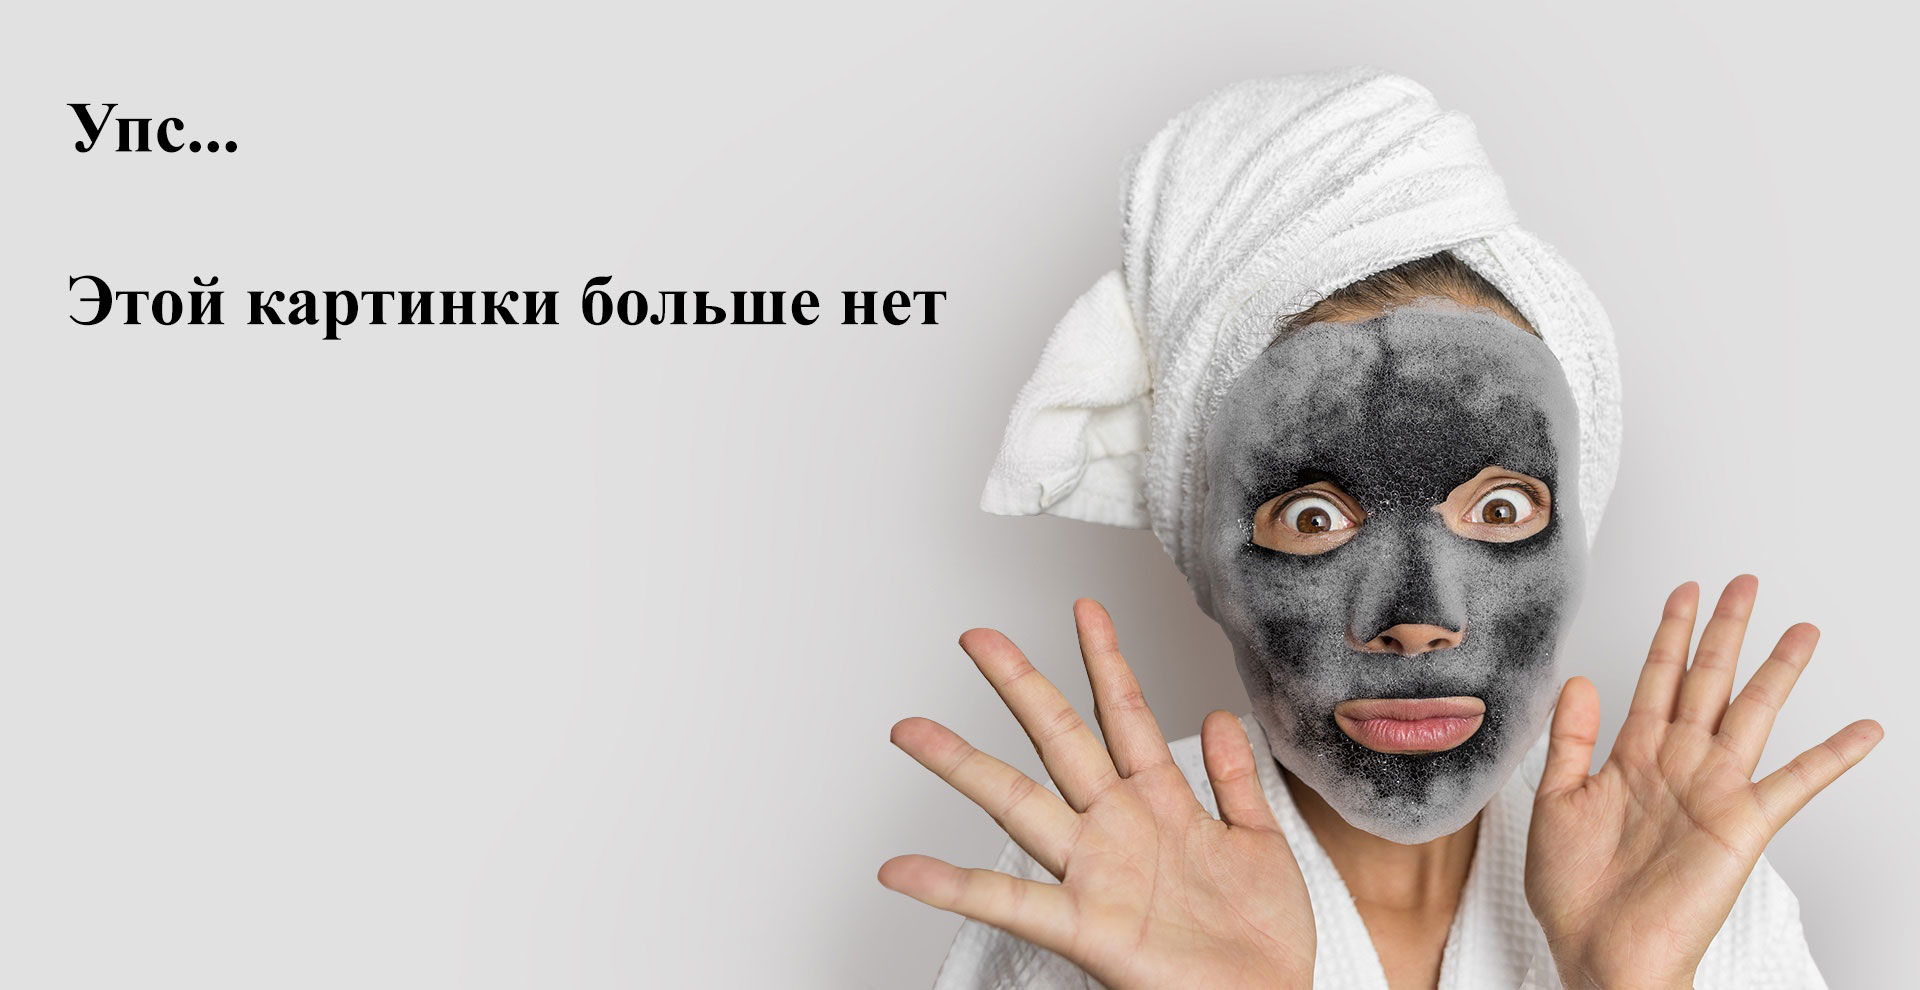 SHIK, Кремовые румяна Perfect Liquid, тон 02